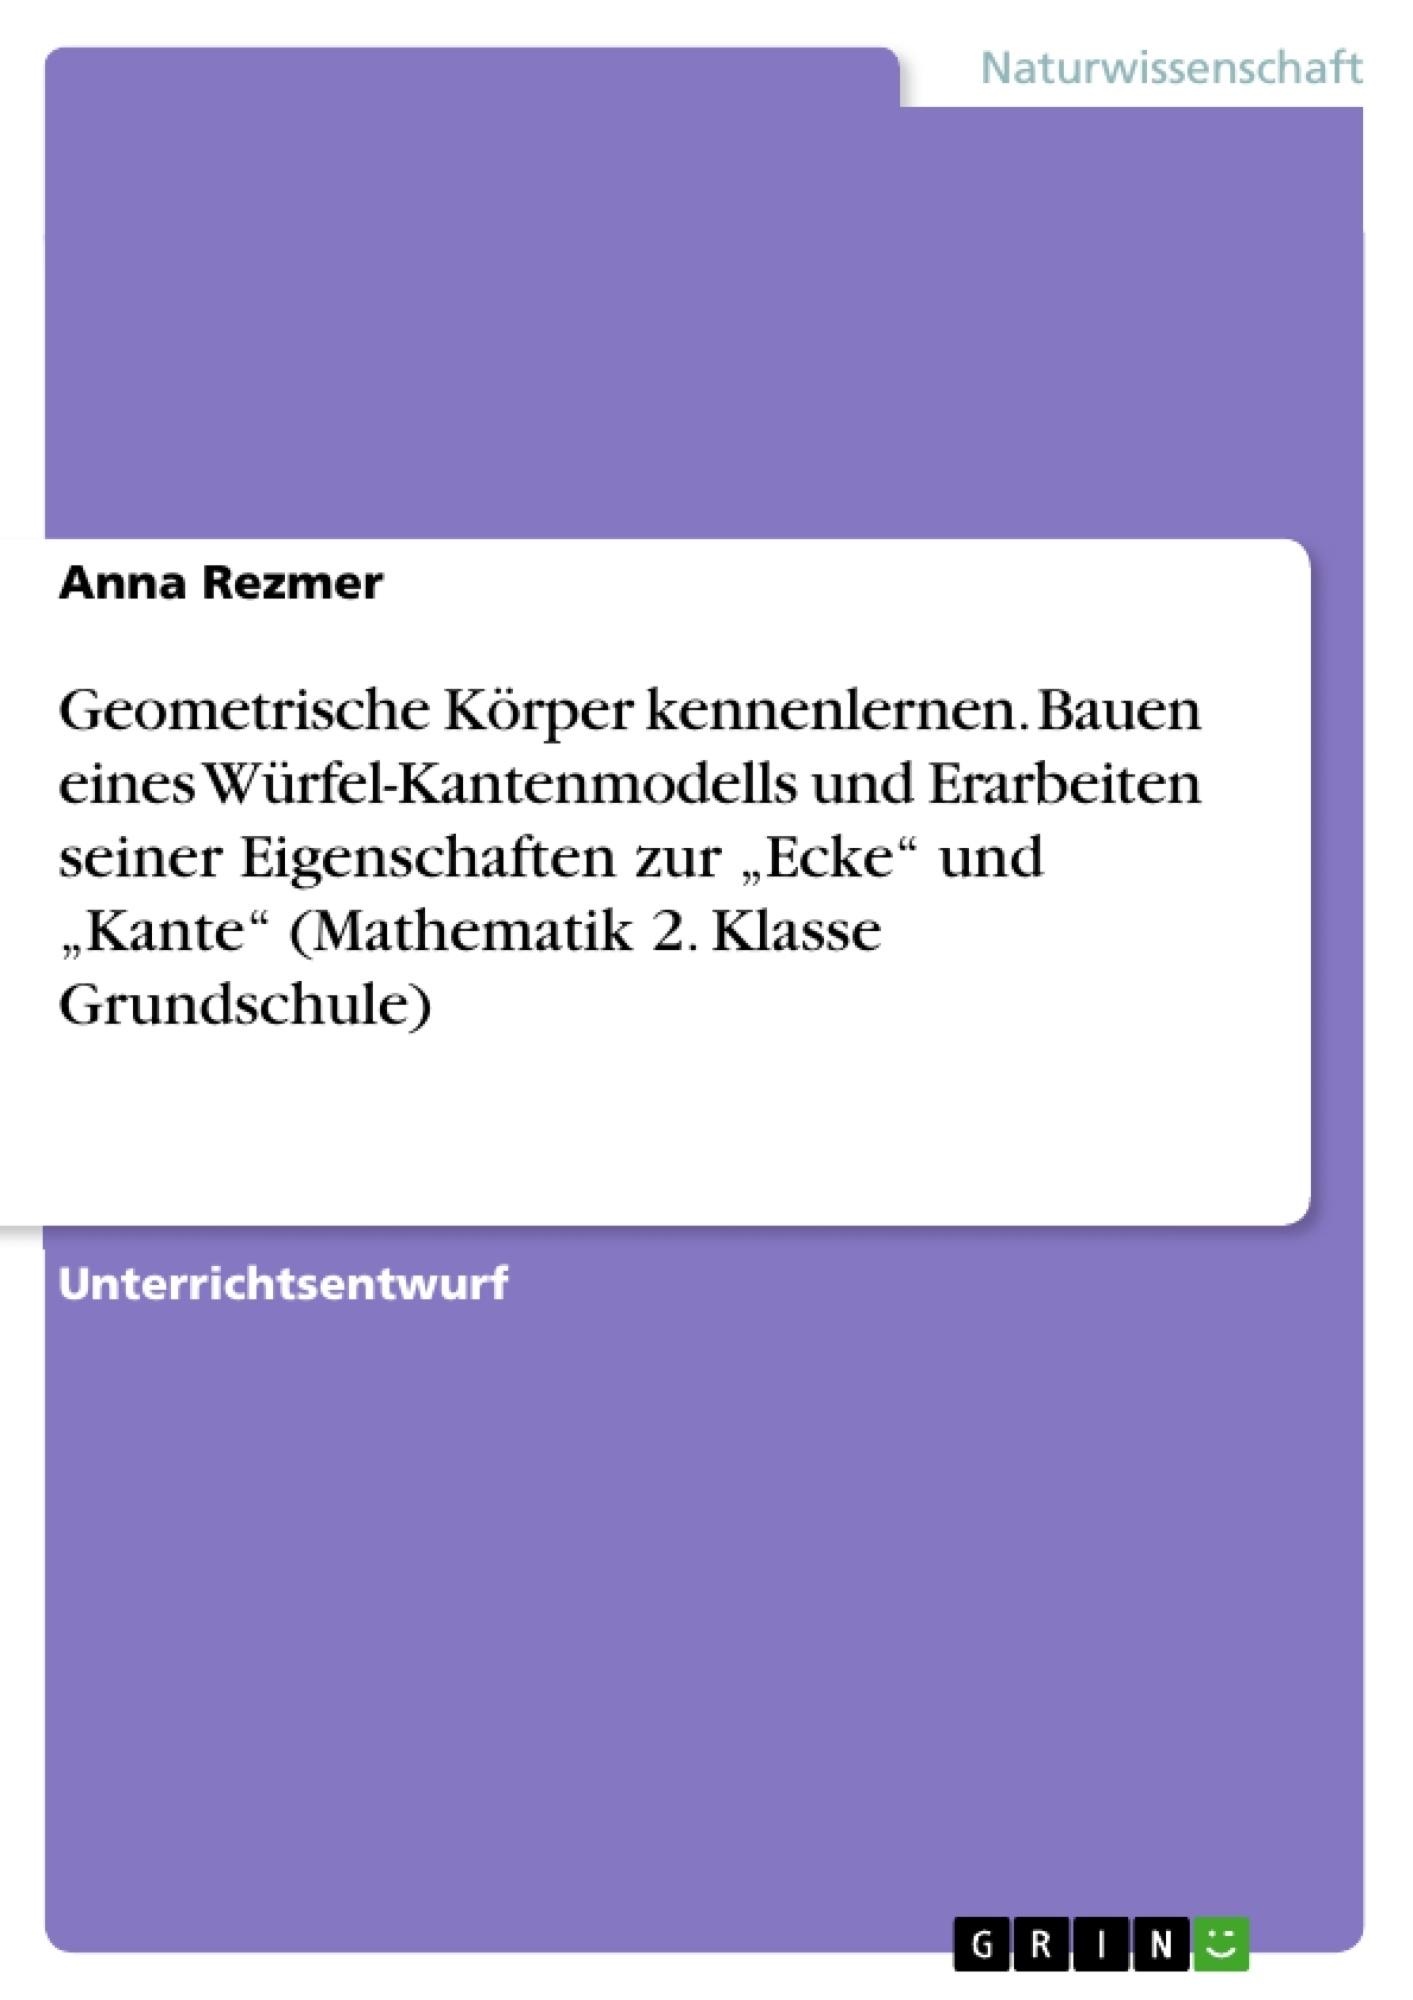 """Titel: Geometrische Körper kennenlernen. Bauen eines Würfel-Kantenmodells und Erarbeiten seiner Eigenschaften zur """"Ecke"""" und """"Kante"""" (Mathematik 2. Klasse Grundschule)"""